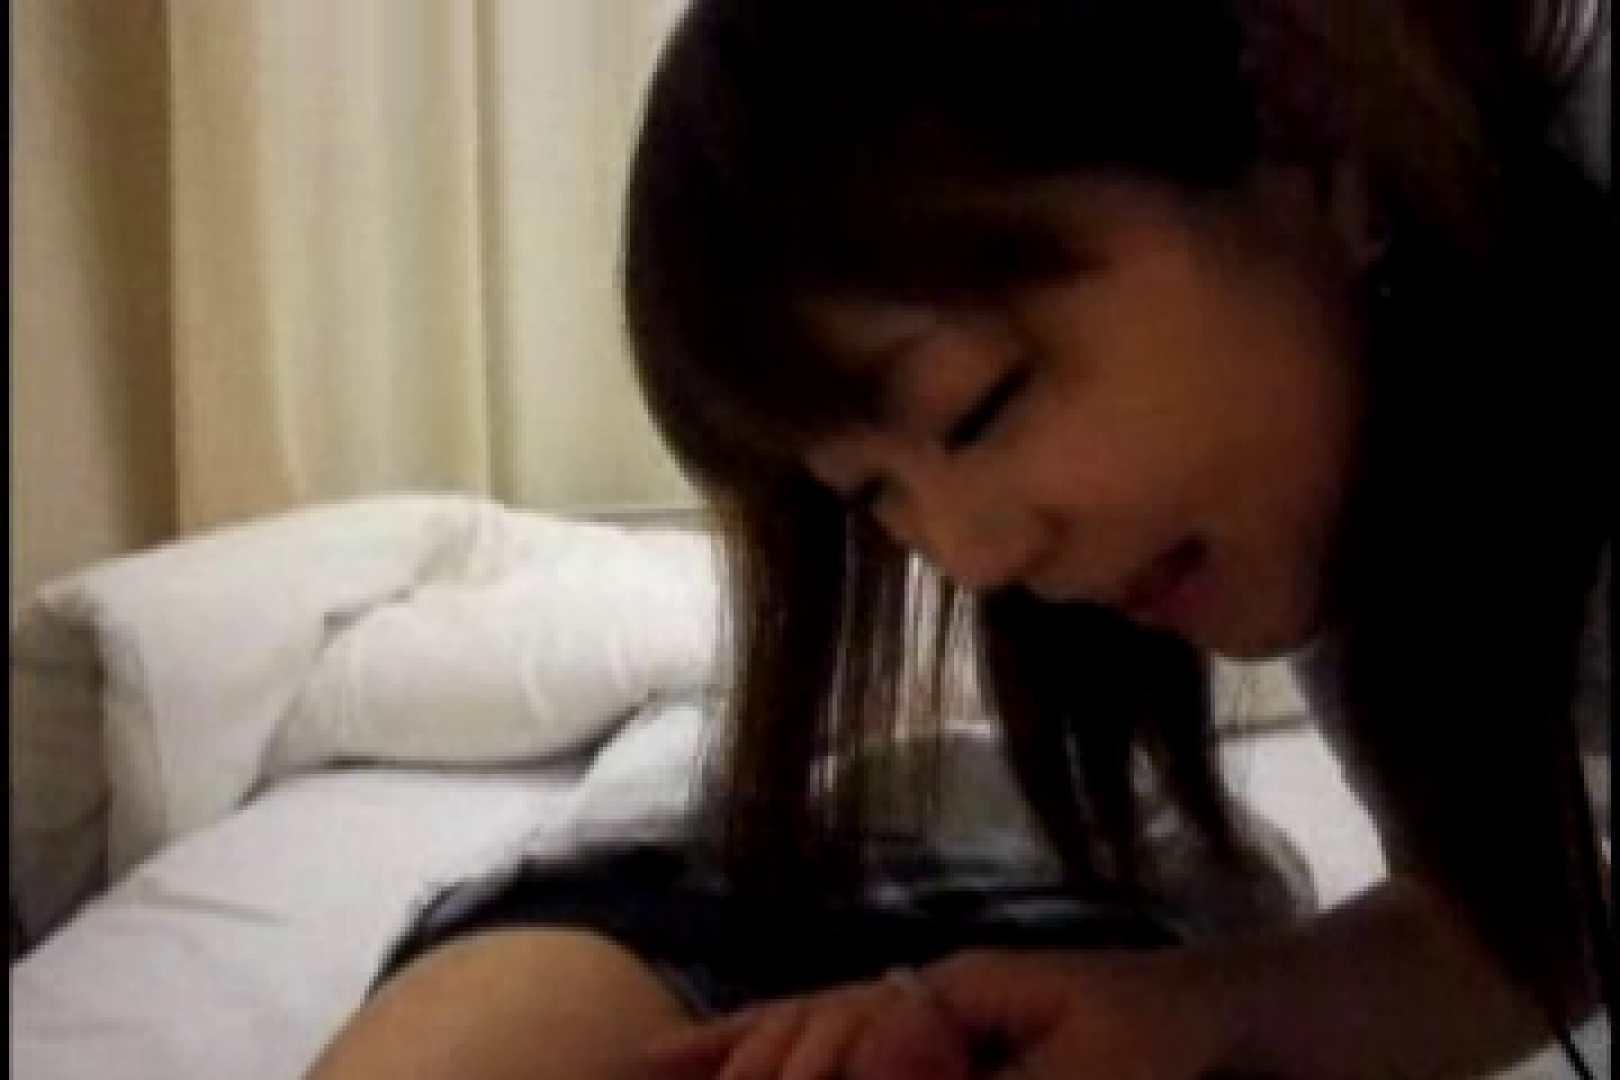 ヤリマンと呼ばれた看護士さんvol1 OL裸体 | シックスナイン  61画像 52